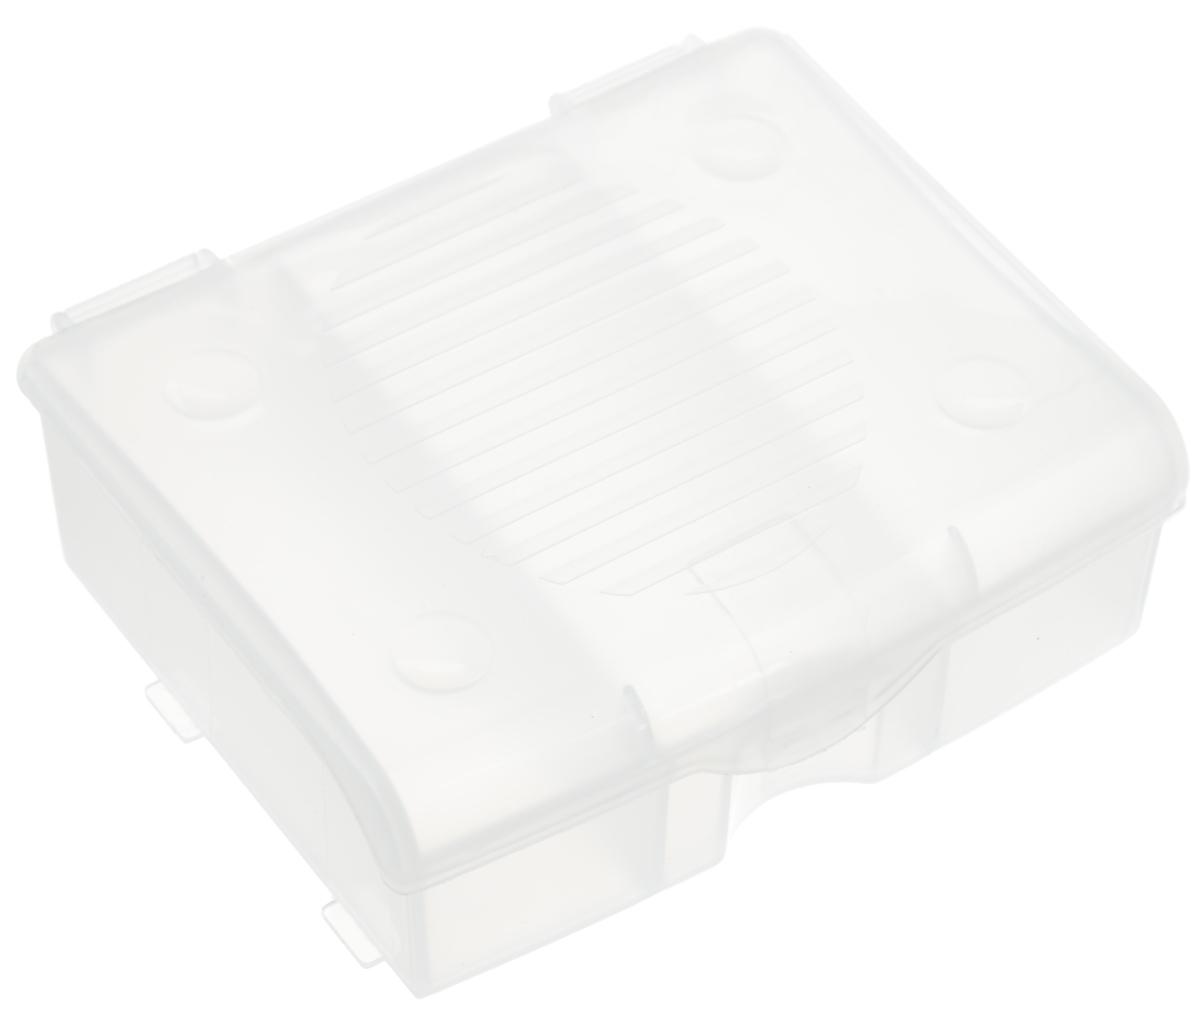 Органайзер для мелочей Blocker, цвет: прозрачный, 11 х 9 х 4,2 смПЦ3713ПРМТ-40PSОрганайзер для мелочей Blocker предназначен для оптимальной организации пространства. Внутреннее деление на 3 секции делает удобным размещение внутри блока деталей, которые необходимо отделить друг от друга, а прозрачная крышка позволяет увидеть содержимое, не открывая блок. Подходит для хранения швейных принадлежностей, мелких деталей и рыболовных снастей. Крышка плотно закрывается и предотвращает потерю содержимого.